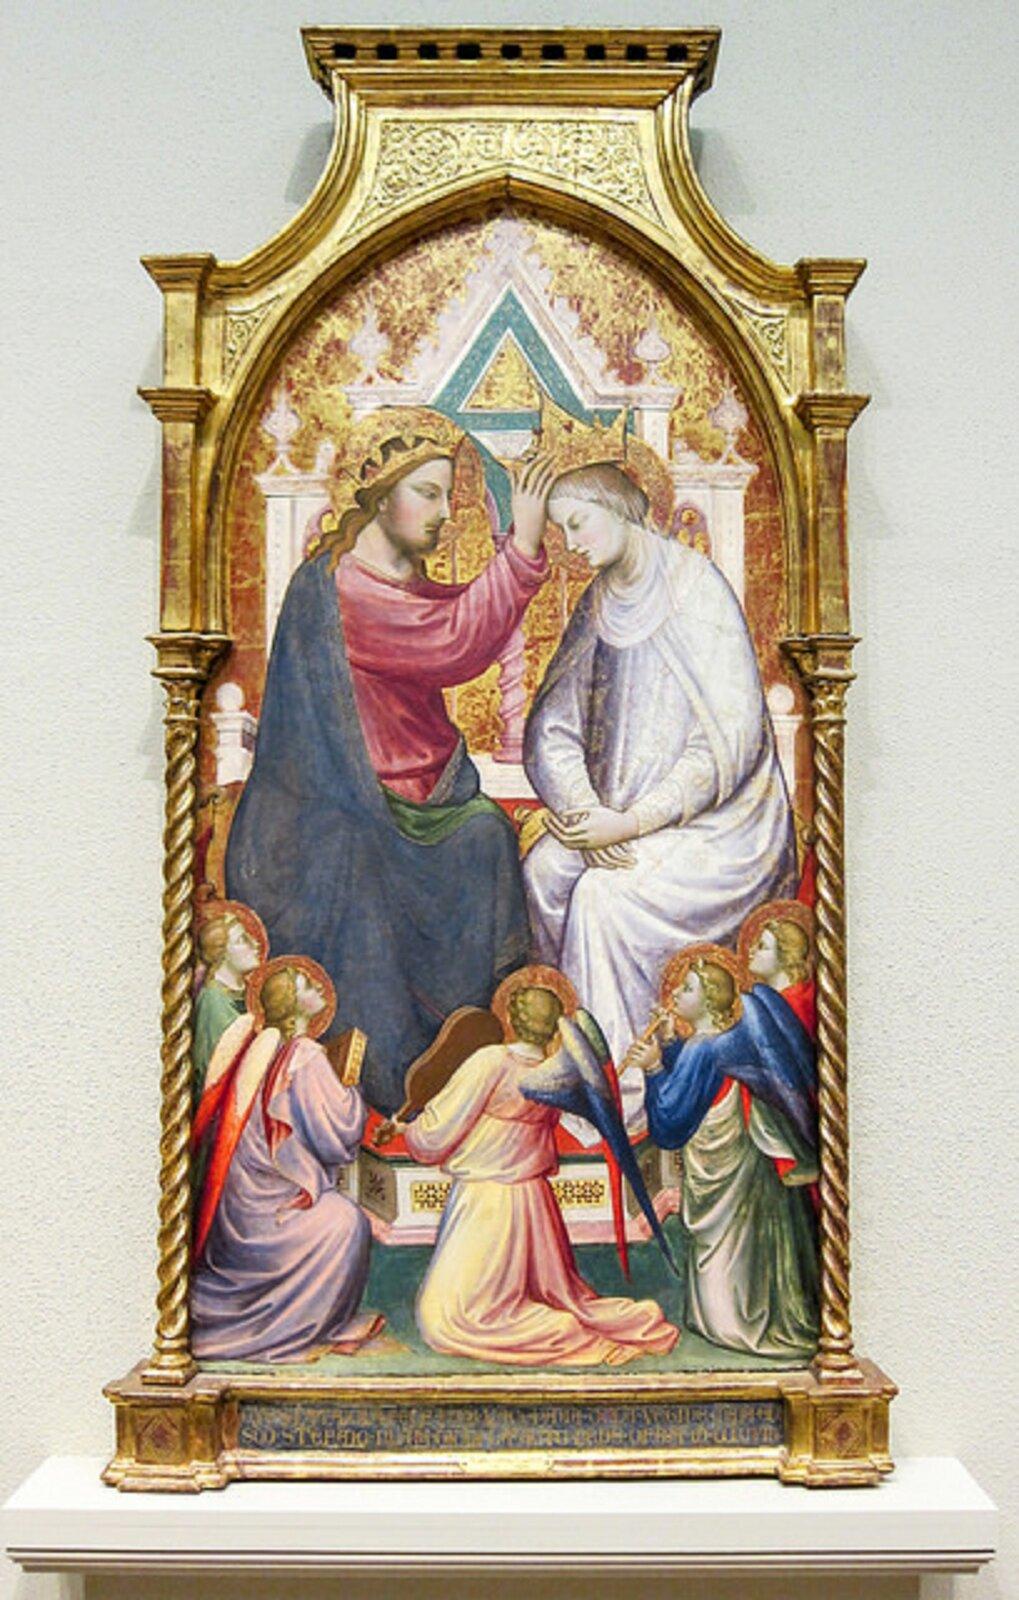 """Ilustracja przedstawia dzieło Mariotta di Narda, """"Koronacja Najświętszej Maryi Panny zpięcioma muzykującymi aniołami"""". Jest częścią nadstawy ołtarzowej. Obraz oprawiony jest warchitektoniczną ramę zdwiema skręconymi kolumienkami oraz prosto zakończoną górną częścią, wypełnioną złotymi ornamentami. Ma kształt pionowego prostokąta, zamkniętego łukiem ostrym. Ukazuje scenę koronacji Marii. Na tronie siedzi Jezus inakłada na głowę Matki koronę. Poniżej klęczy pięć aniołów, których głowy wzniesione są ku górze - patrzą na akt koronacji."""